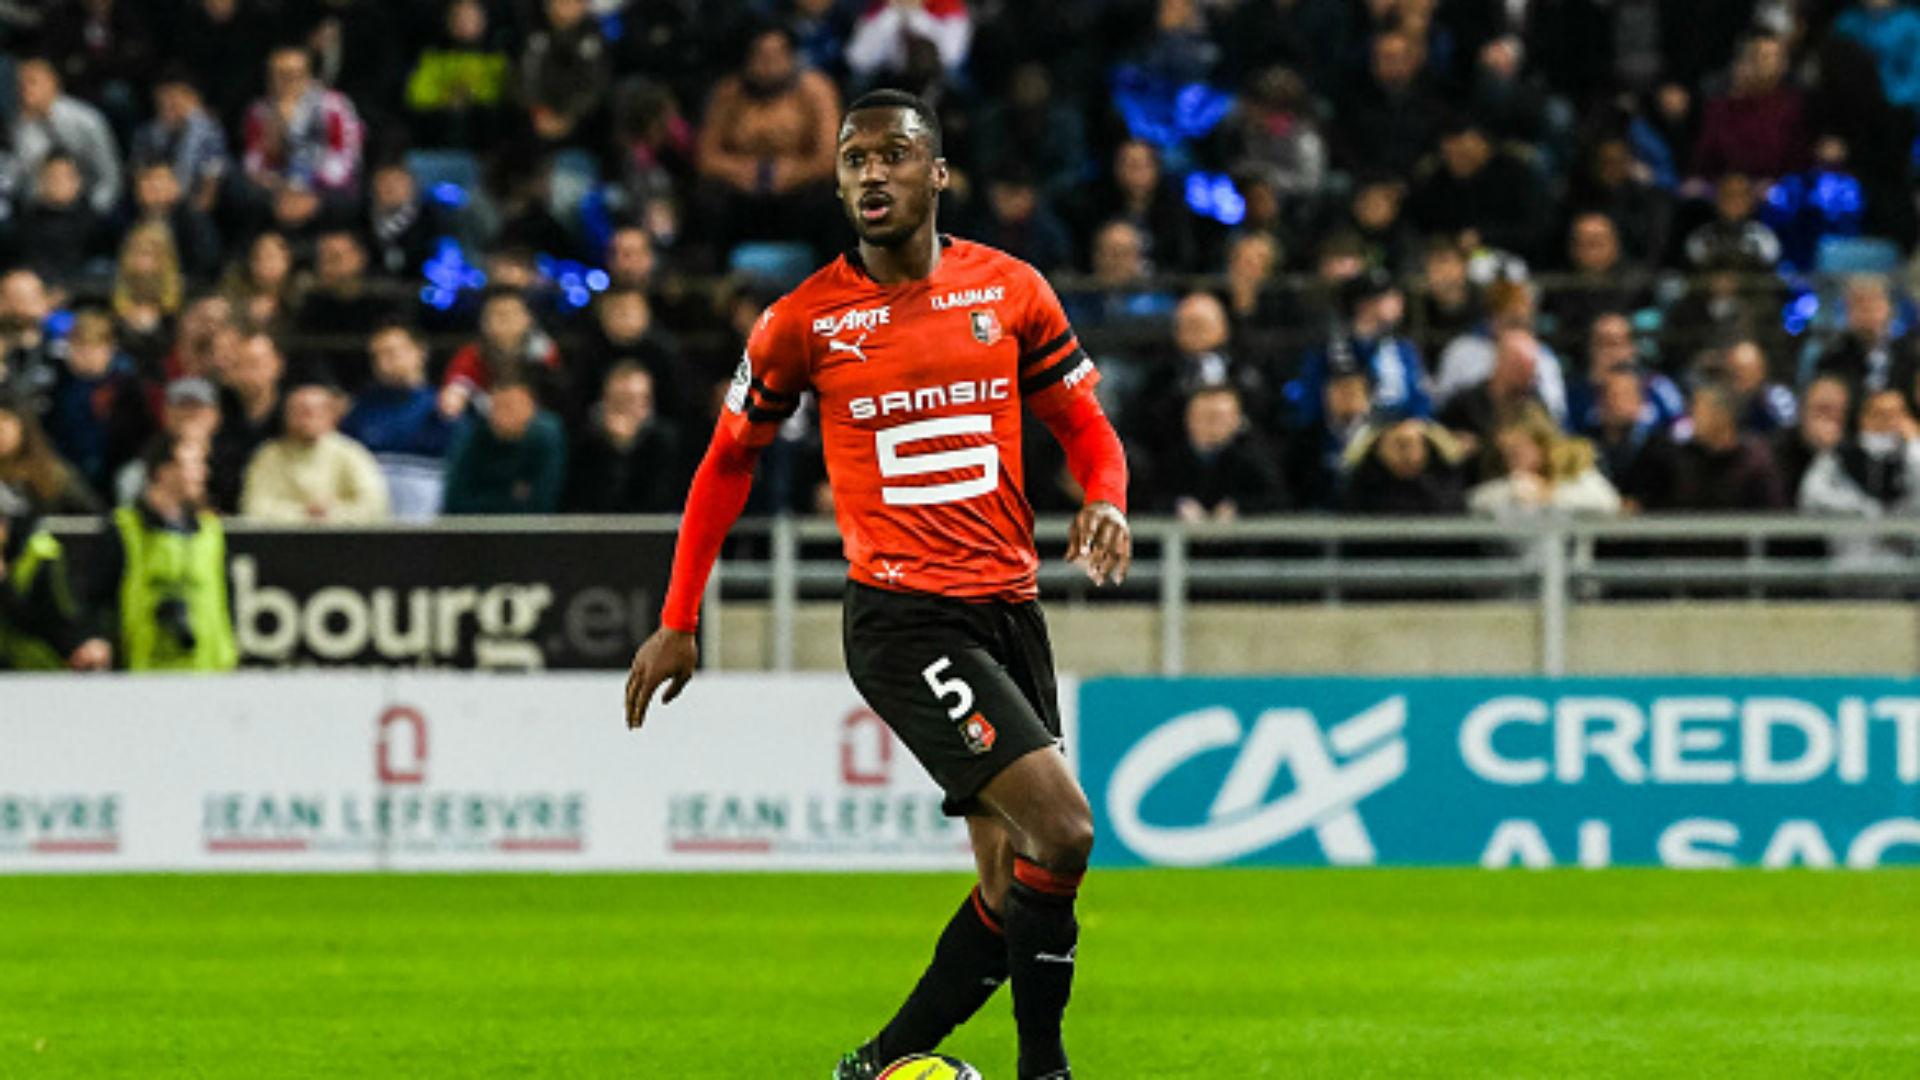 Mercato - Rennes : Souleyman Doumbia en route pour Angers | Goal.com